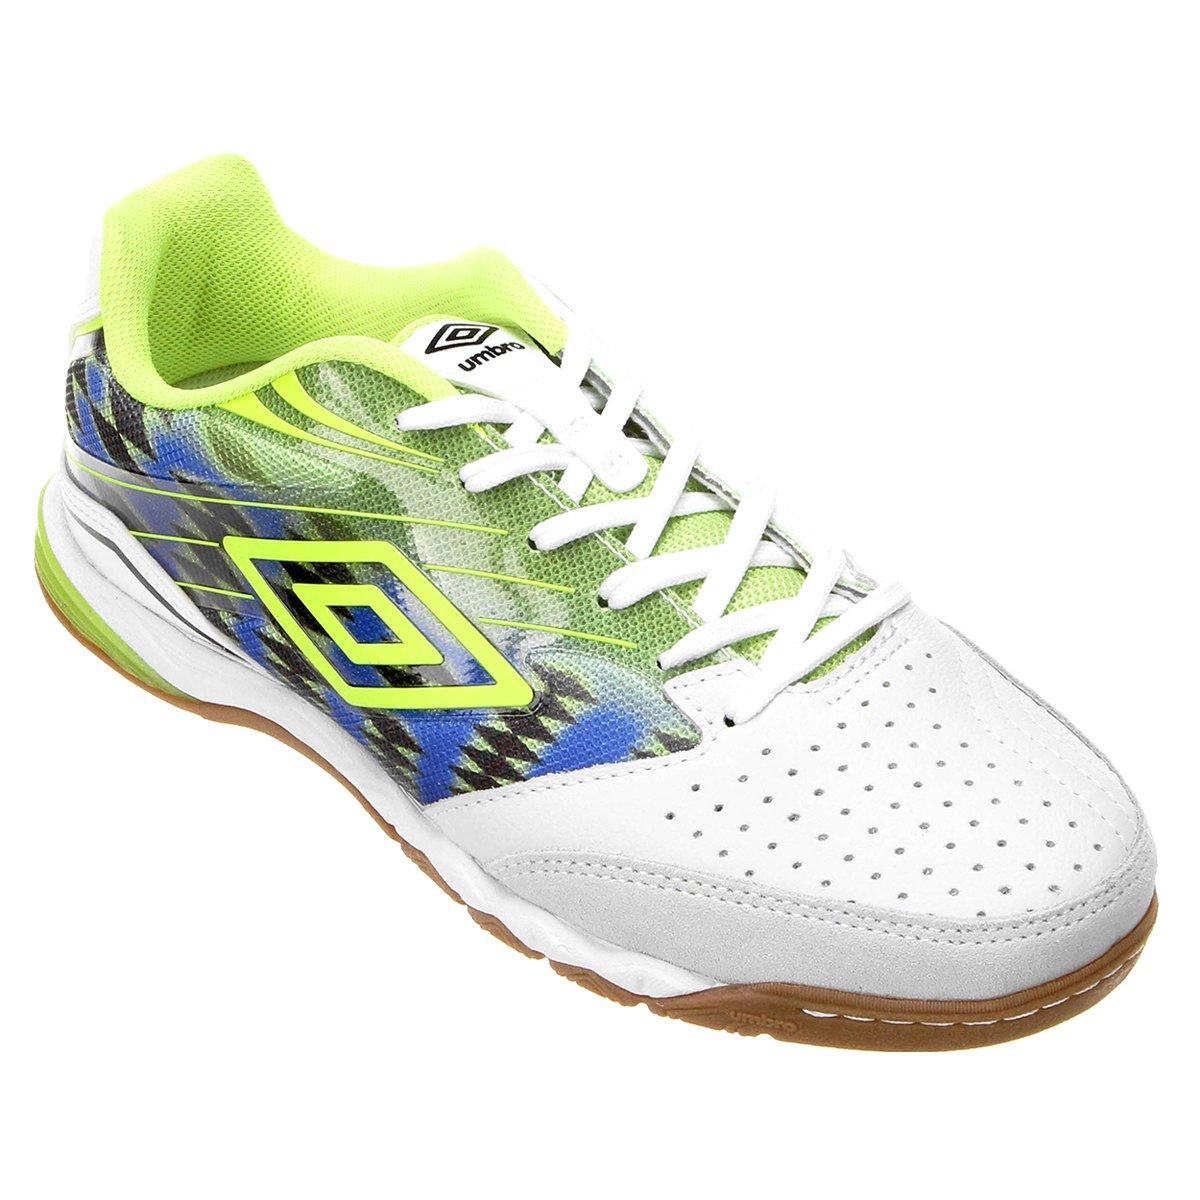 cfdc81c43b5be Chuteira Umbro Pro II Futsal   Netshoes